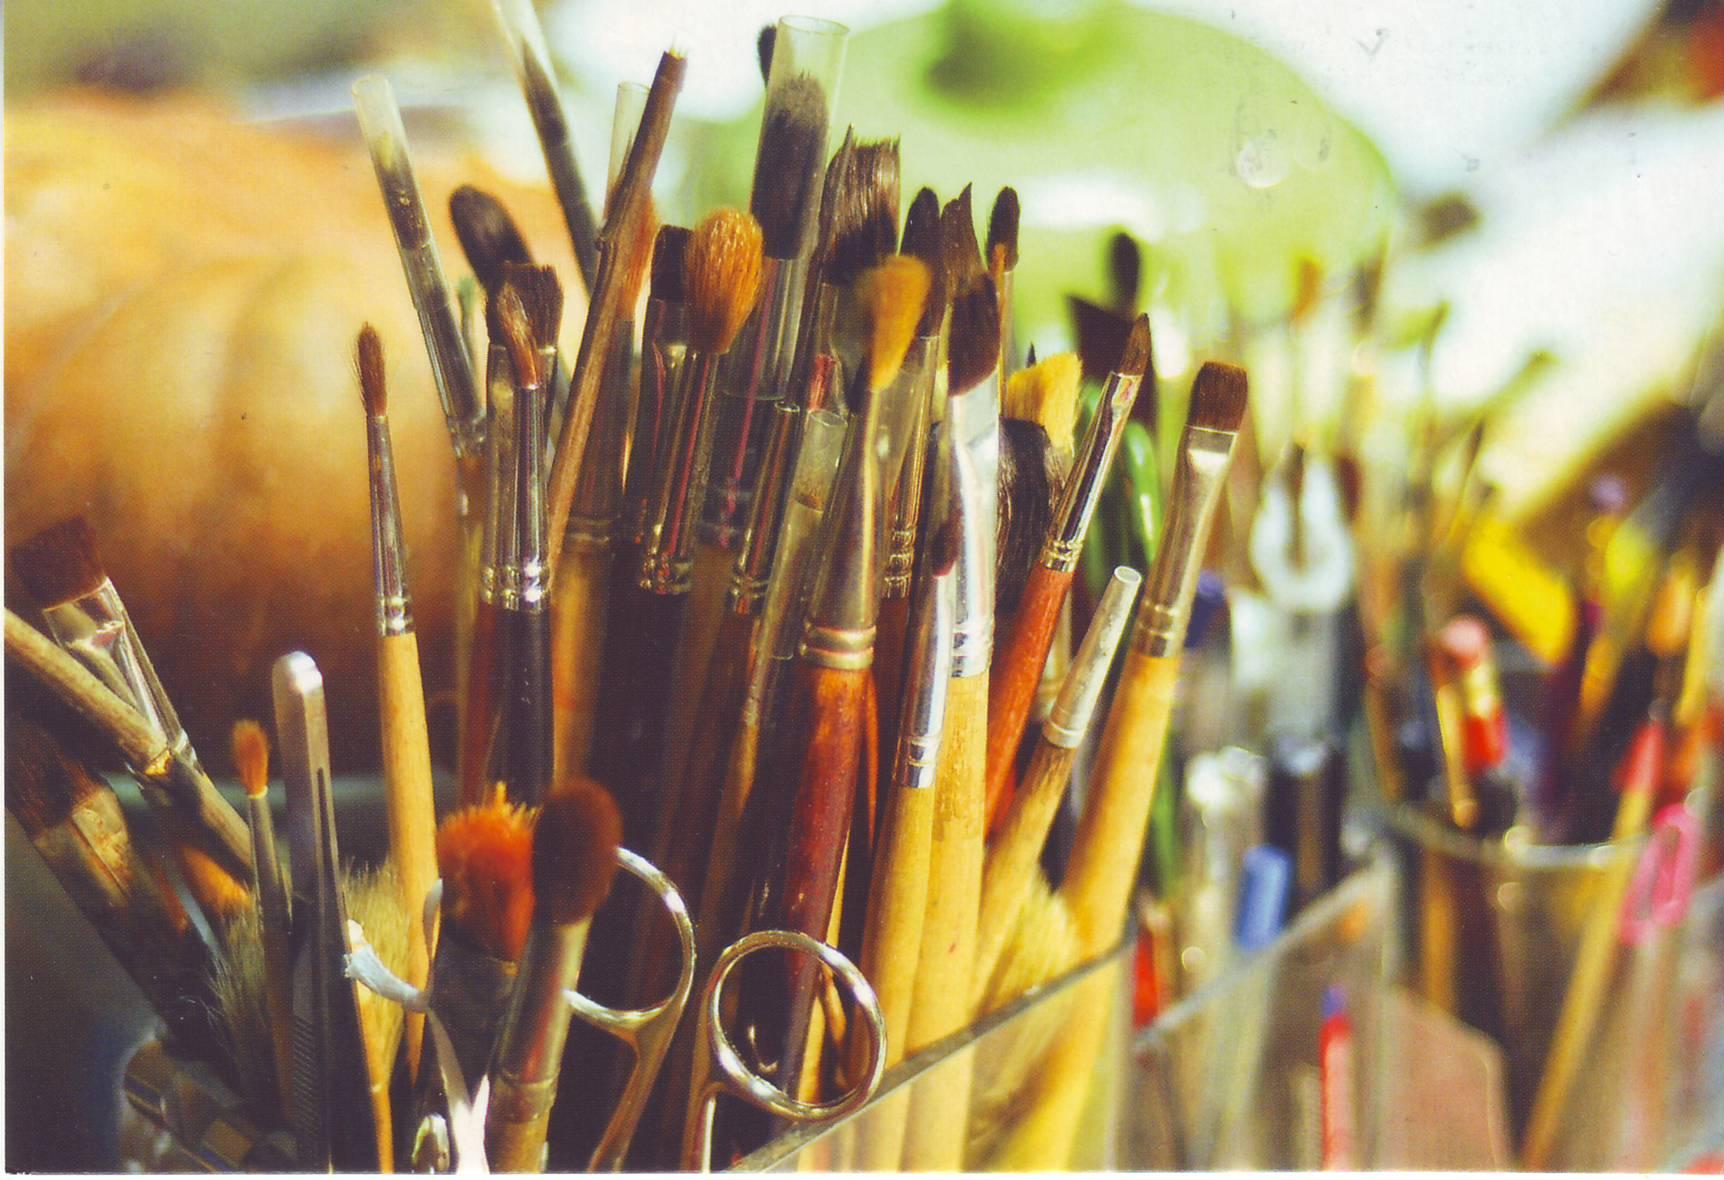 Картинка художественные кисти